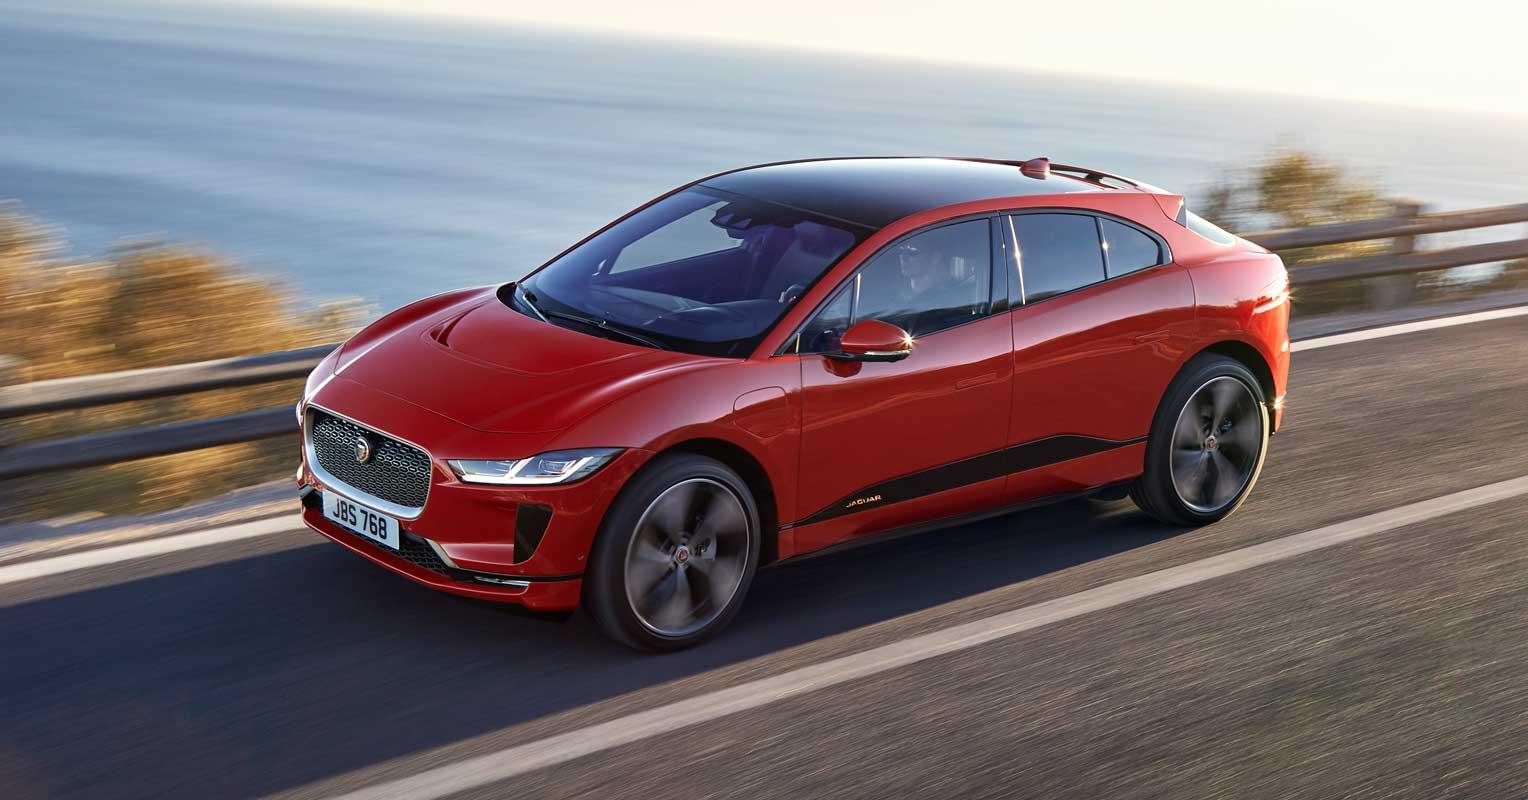 Jaguar I-Pace Frontal